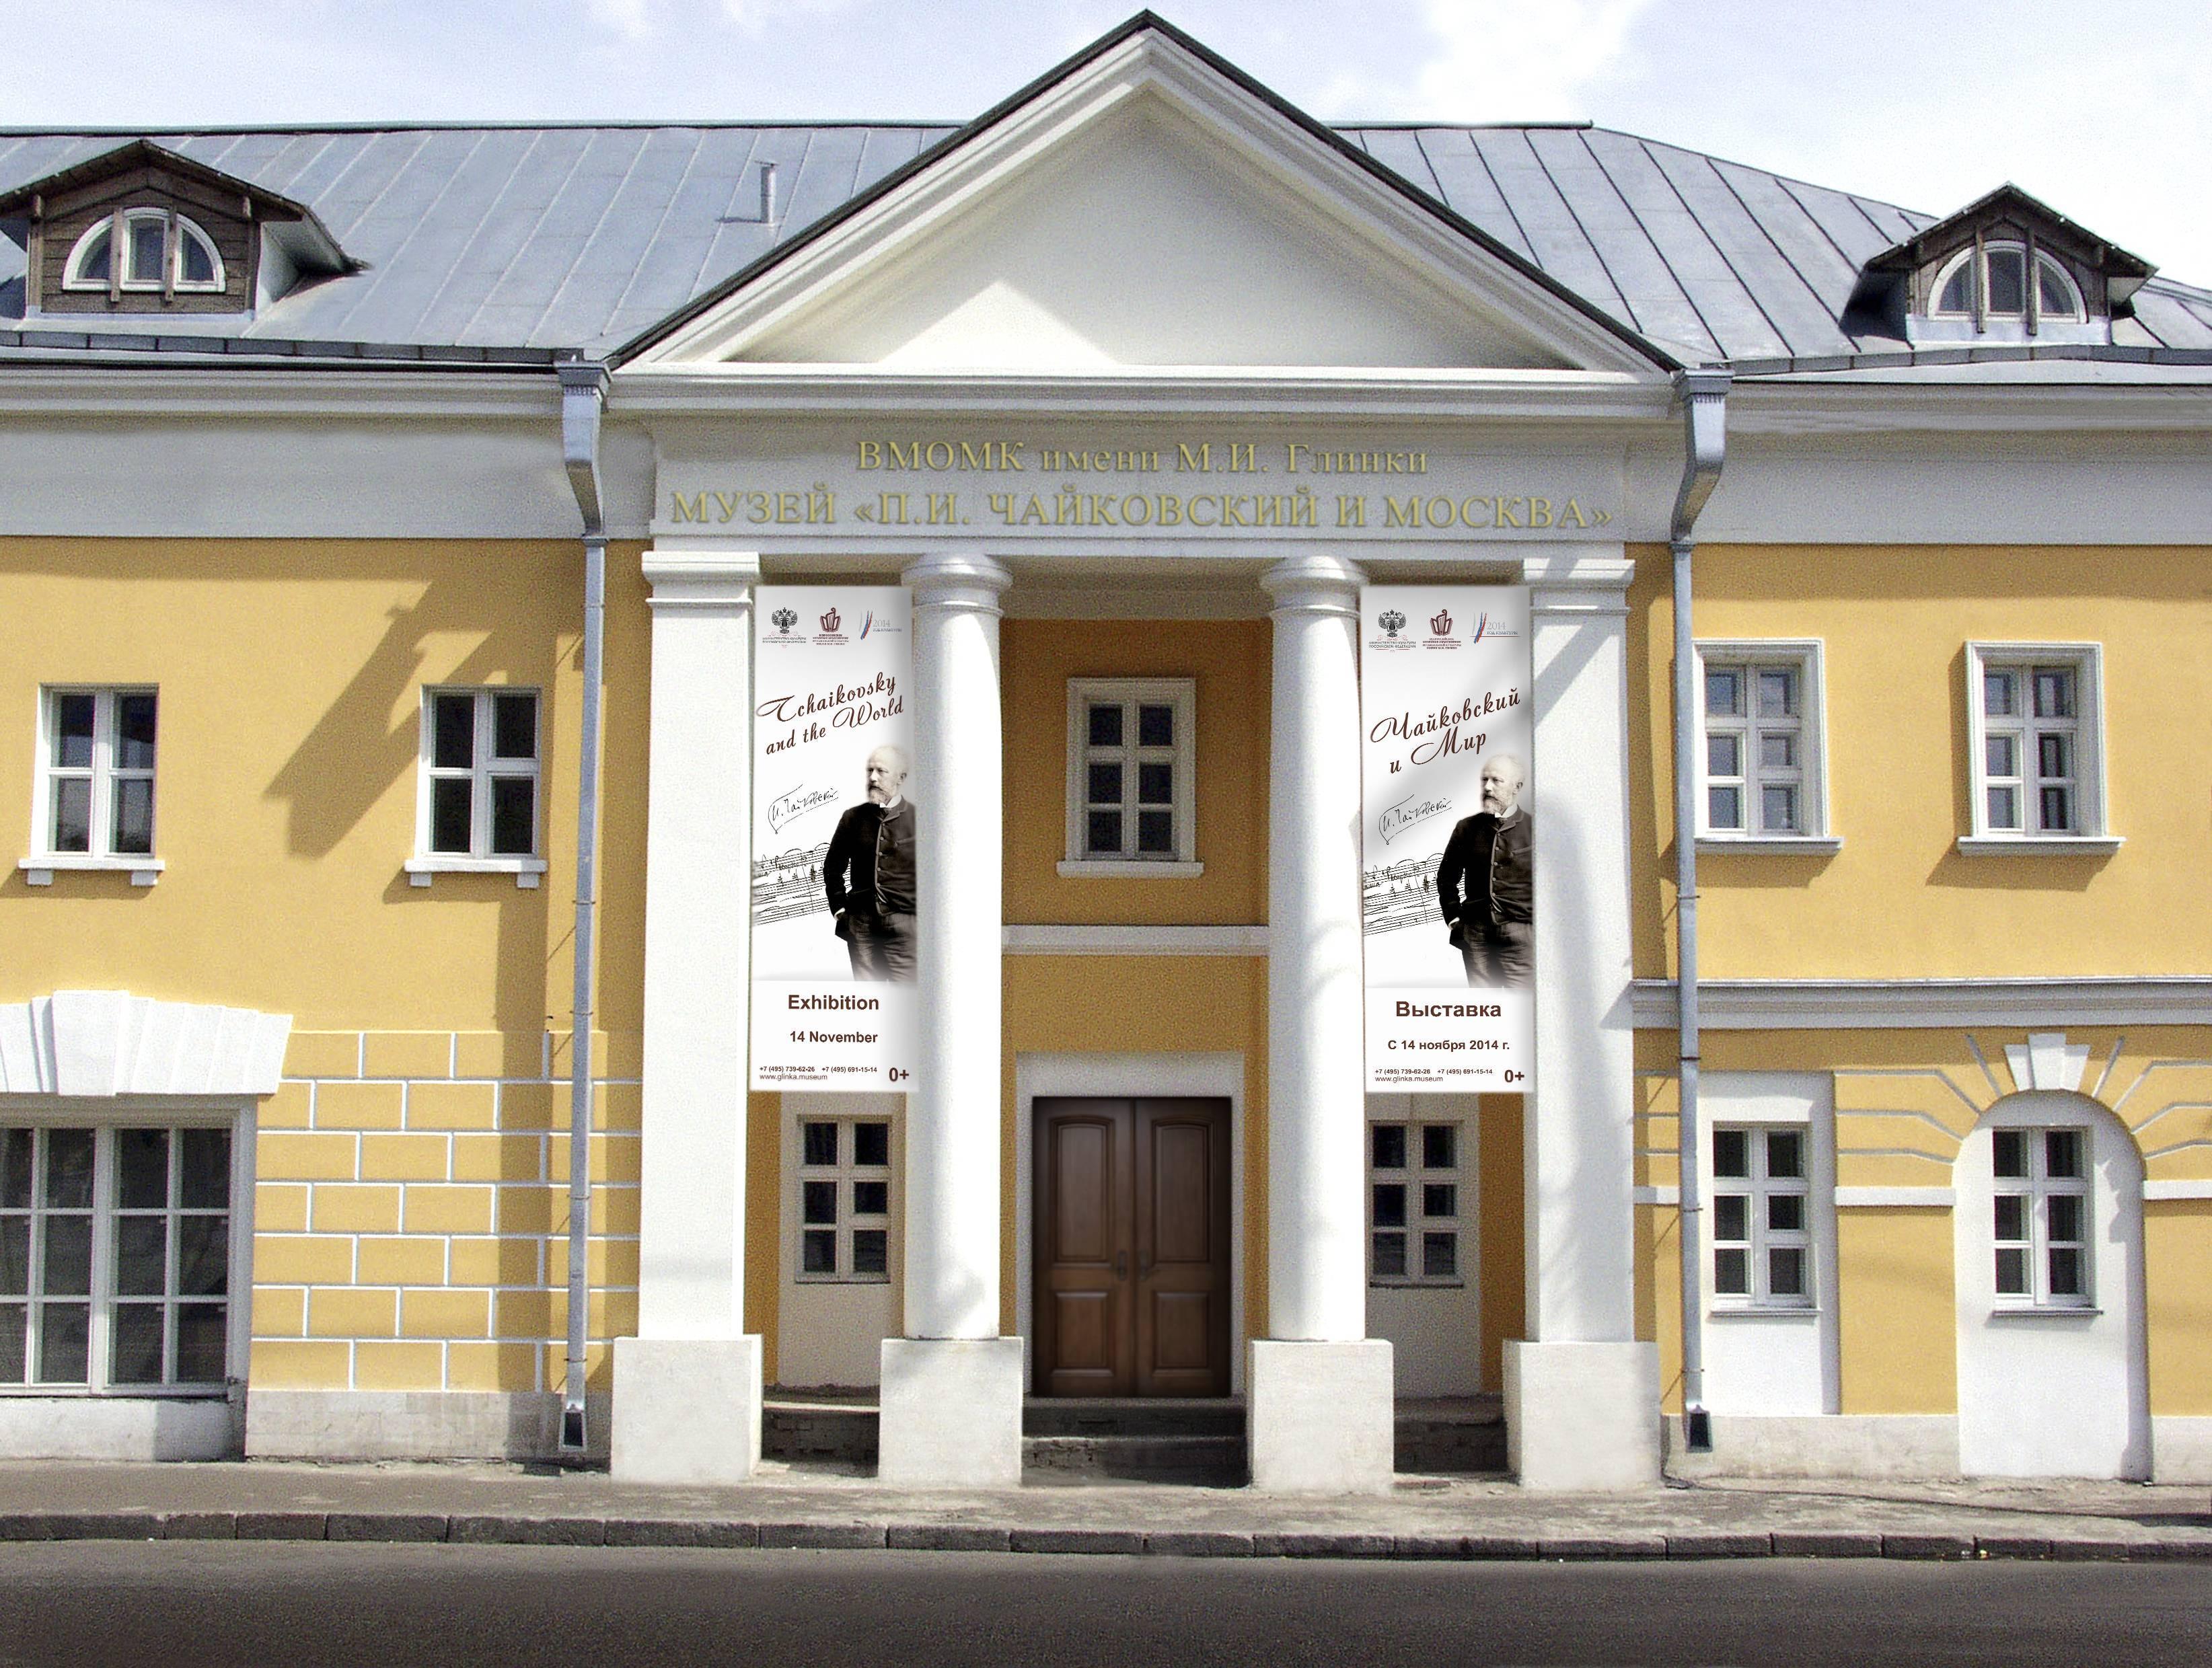 К музею Чайковского пристроят культурный центр Ростроповича и Вишневской